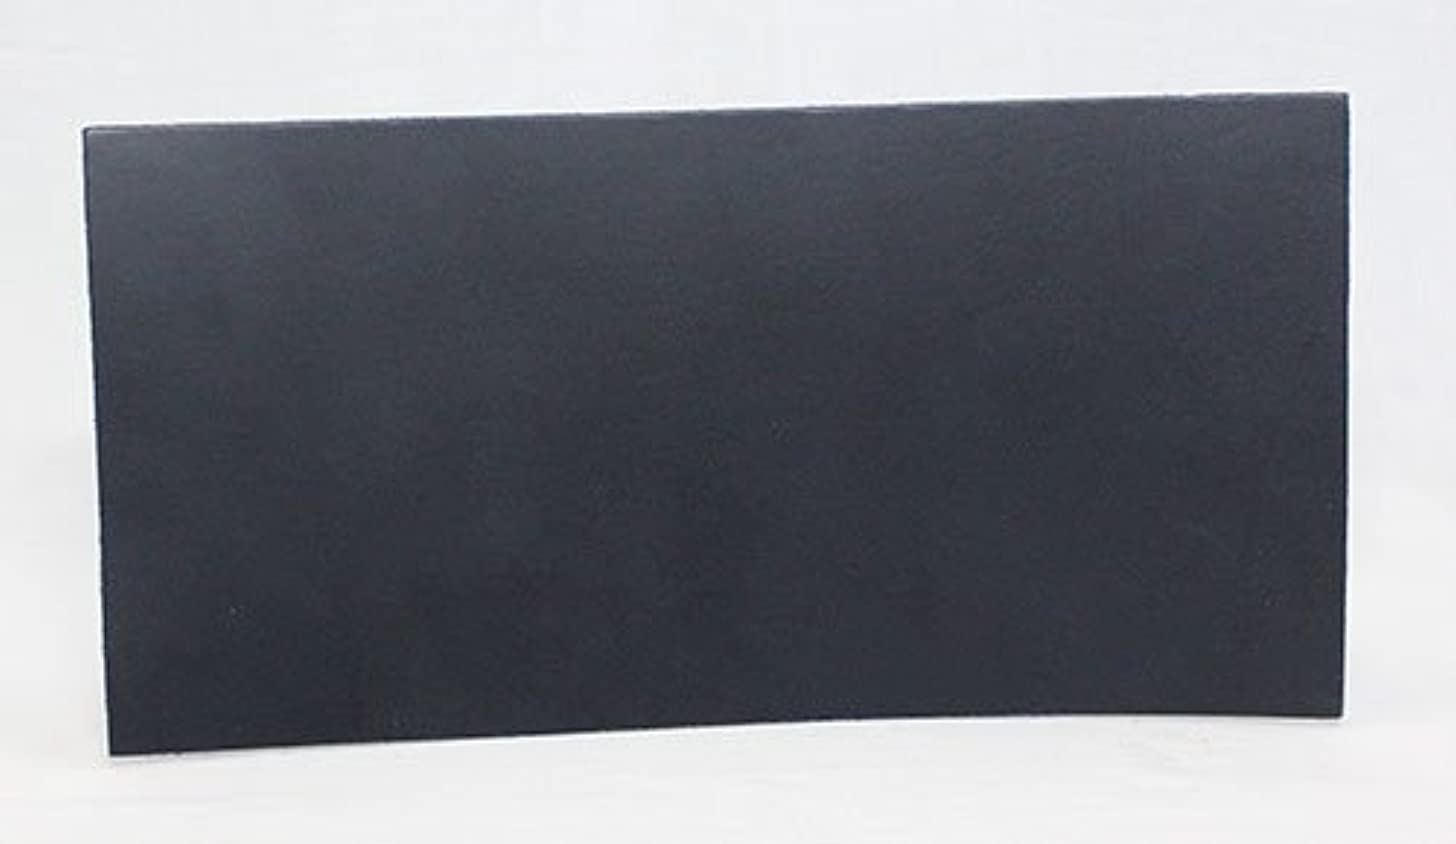 ペン致死口実ハンドメイドで作る革小物に最適! ティーポ1.0mm厚 1.5DS サイズ 10x15cm 14紺